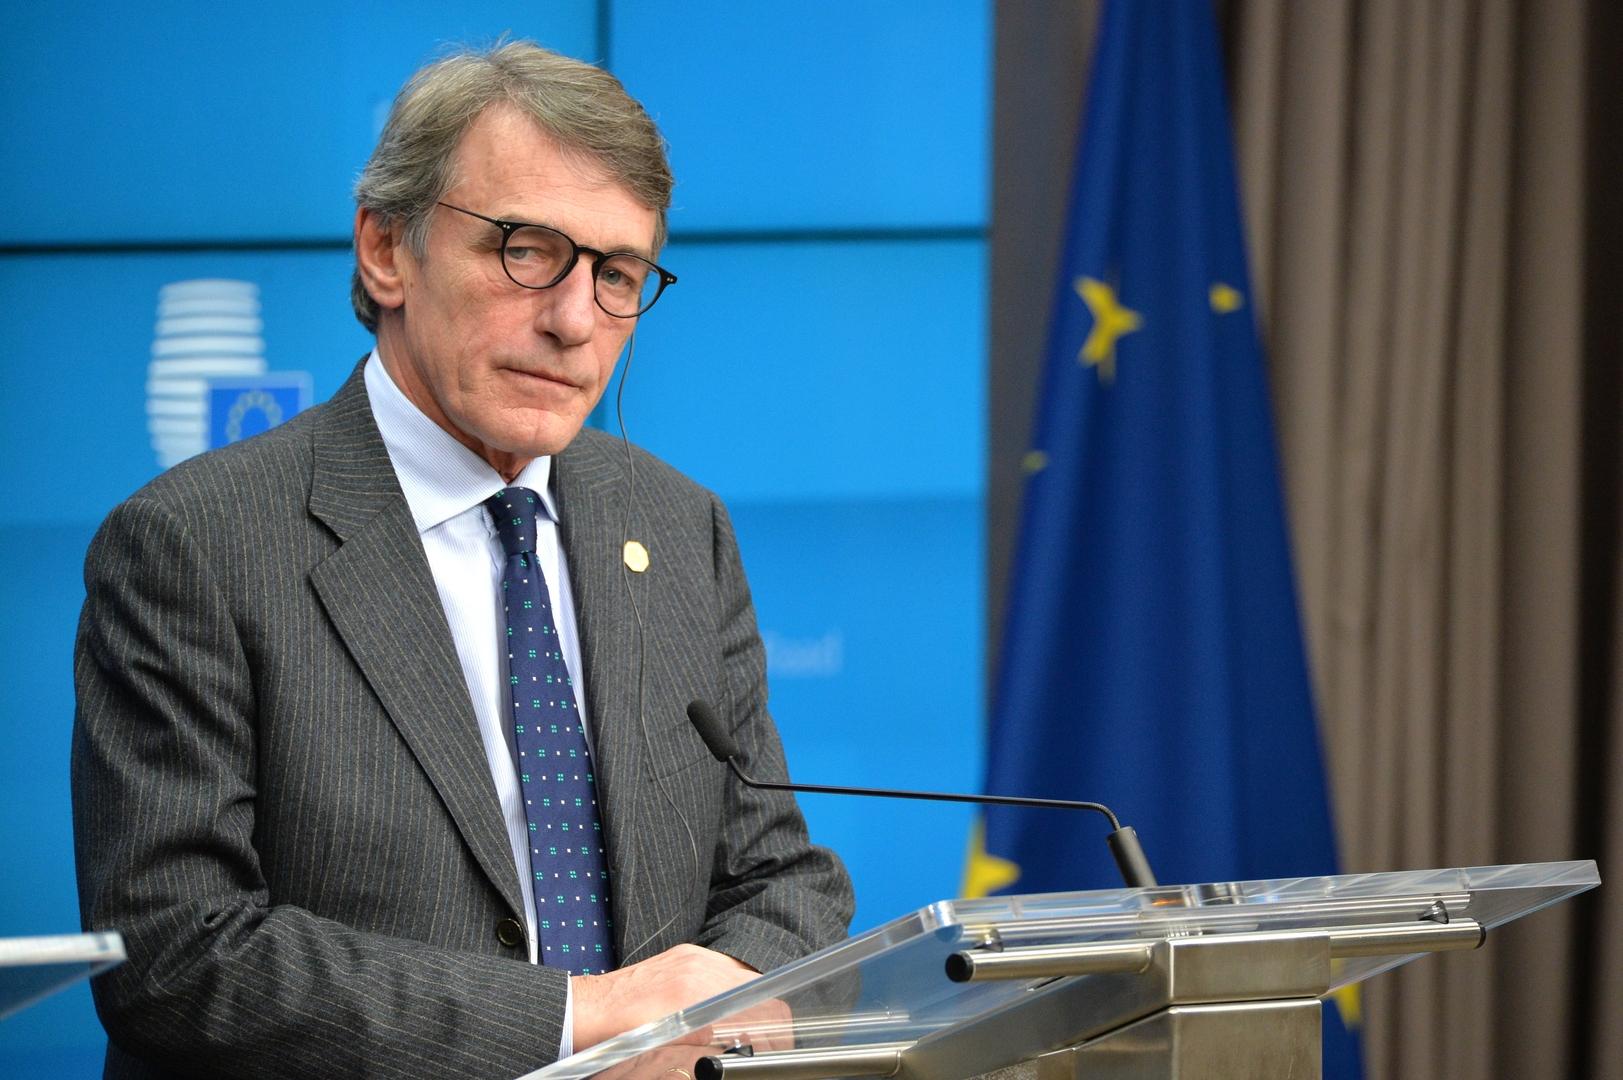 رئيس البرلمان الأوروبي في المستشفى بعد تشخيص إصابته بالتهاب رئوي